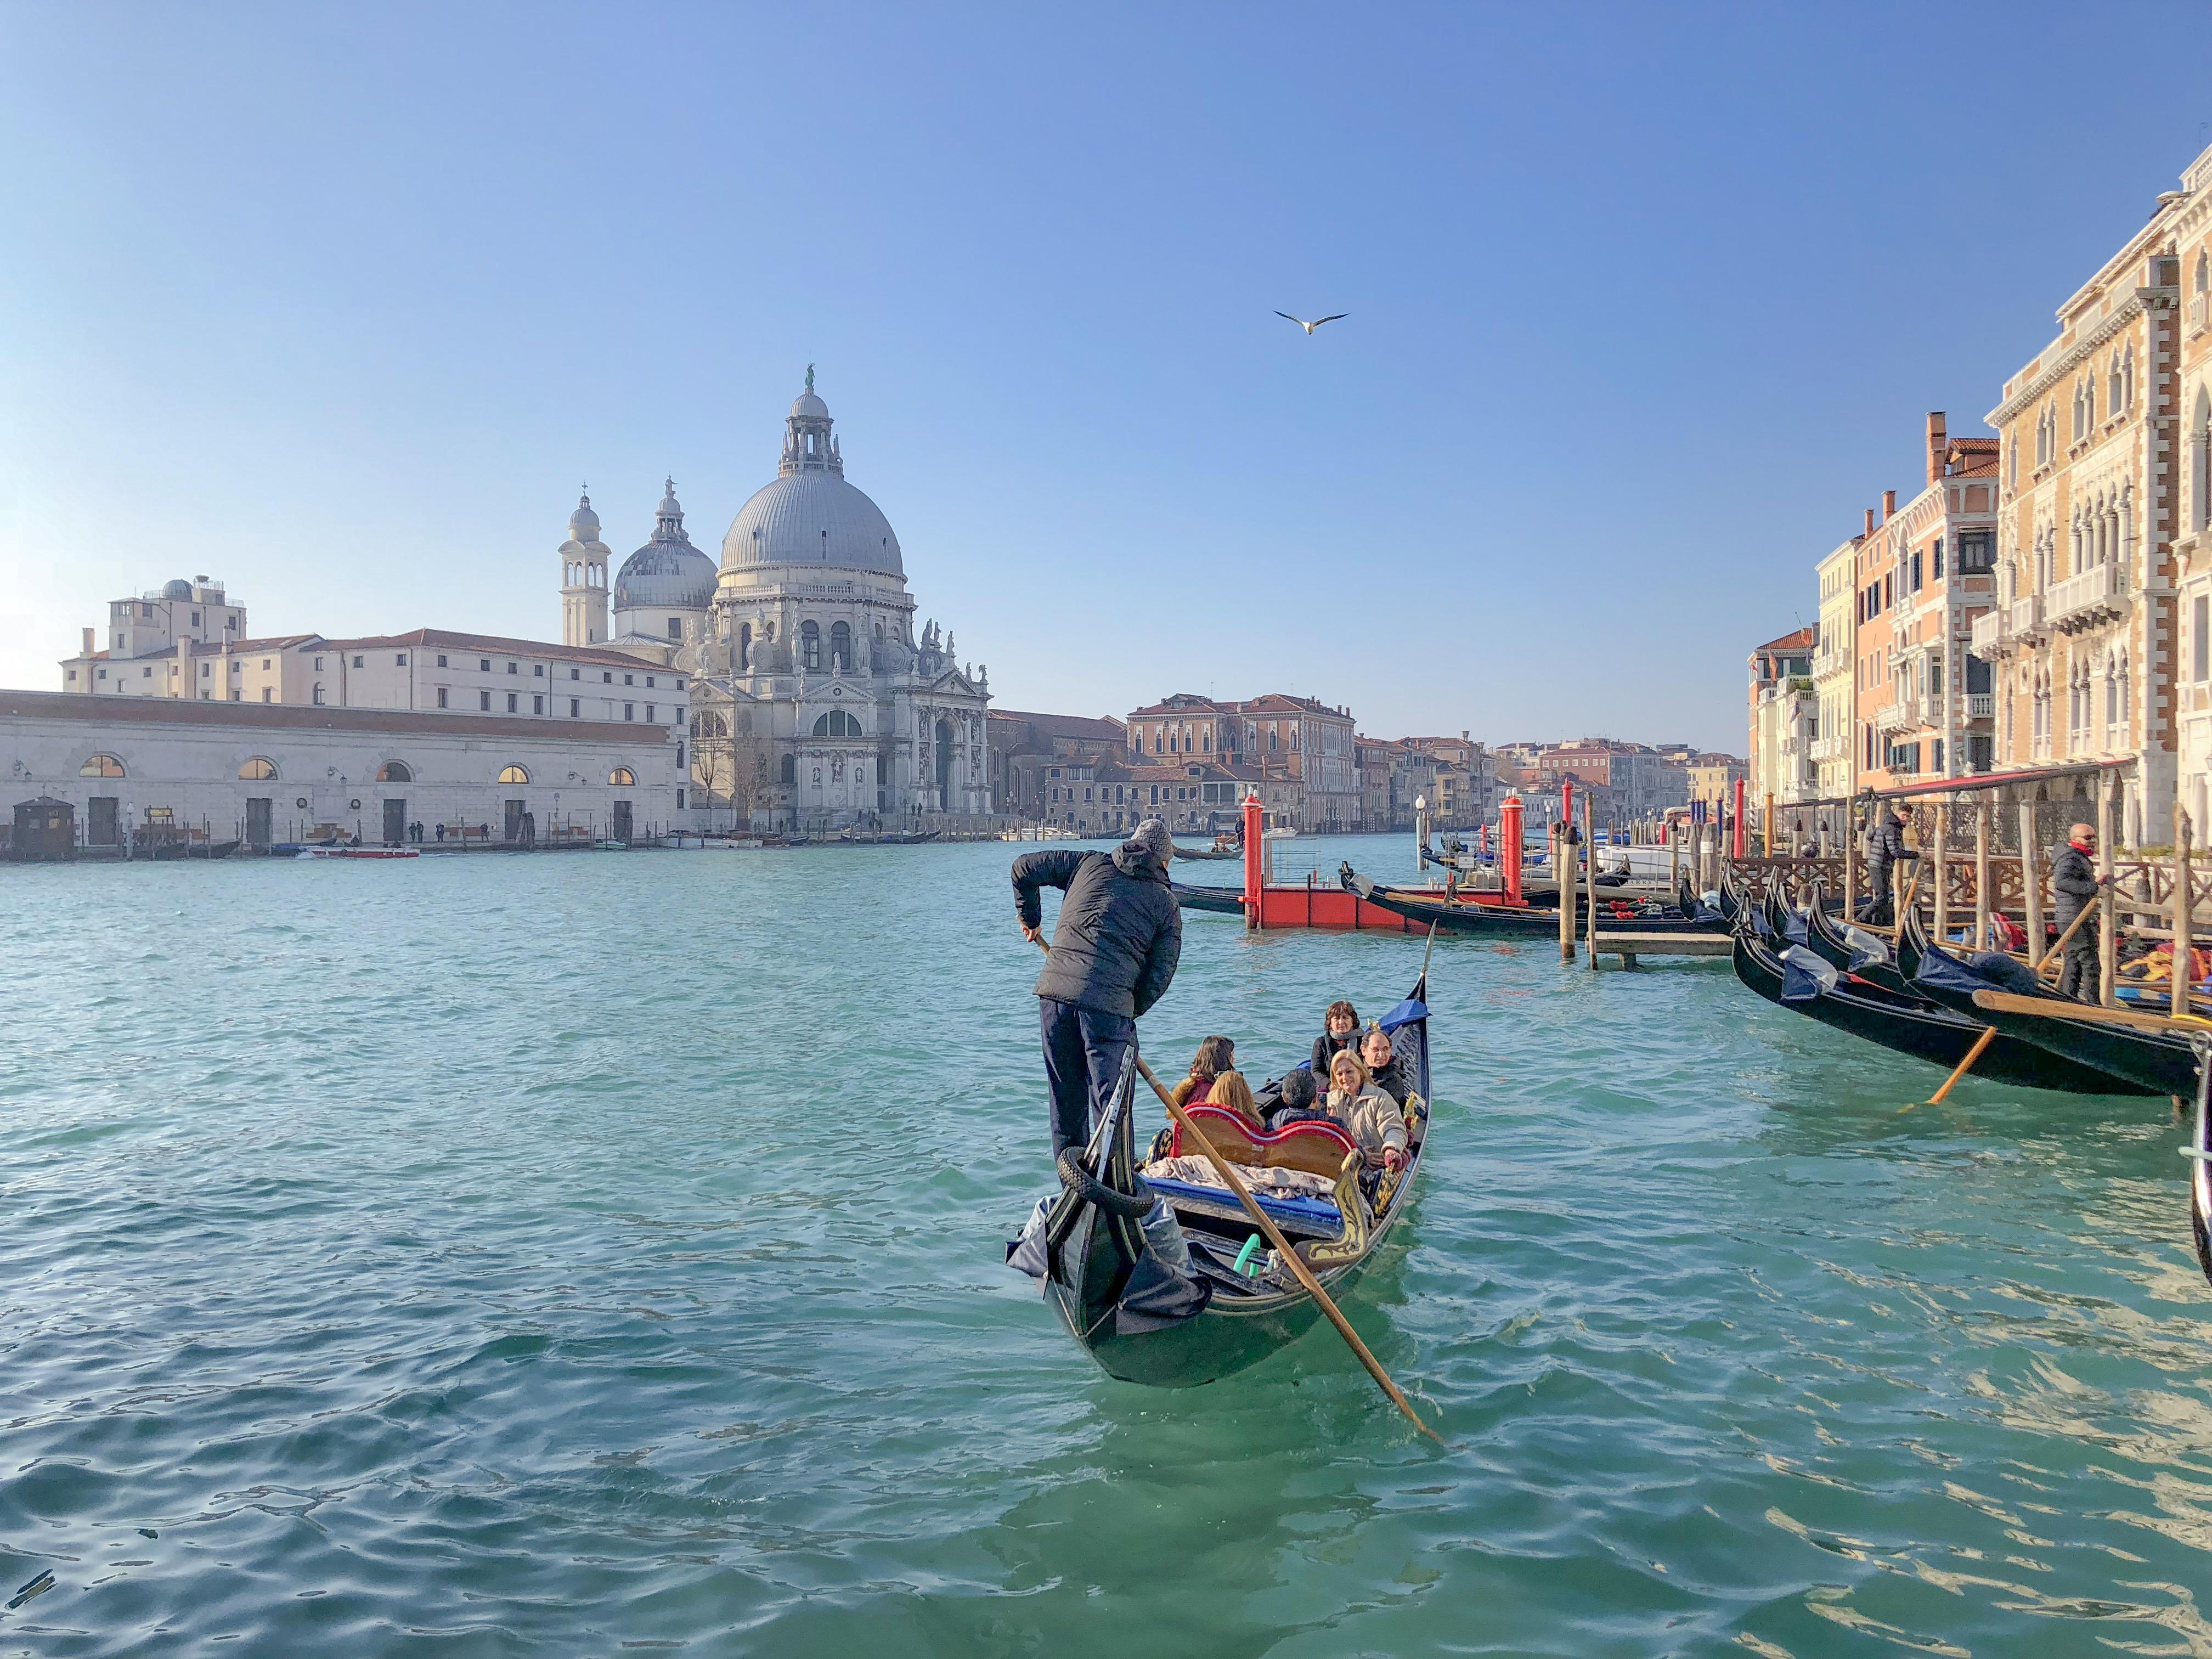 Grande Canal em Veneza - o que fazer em Veneza - gondola